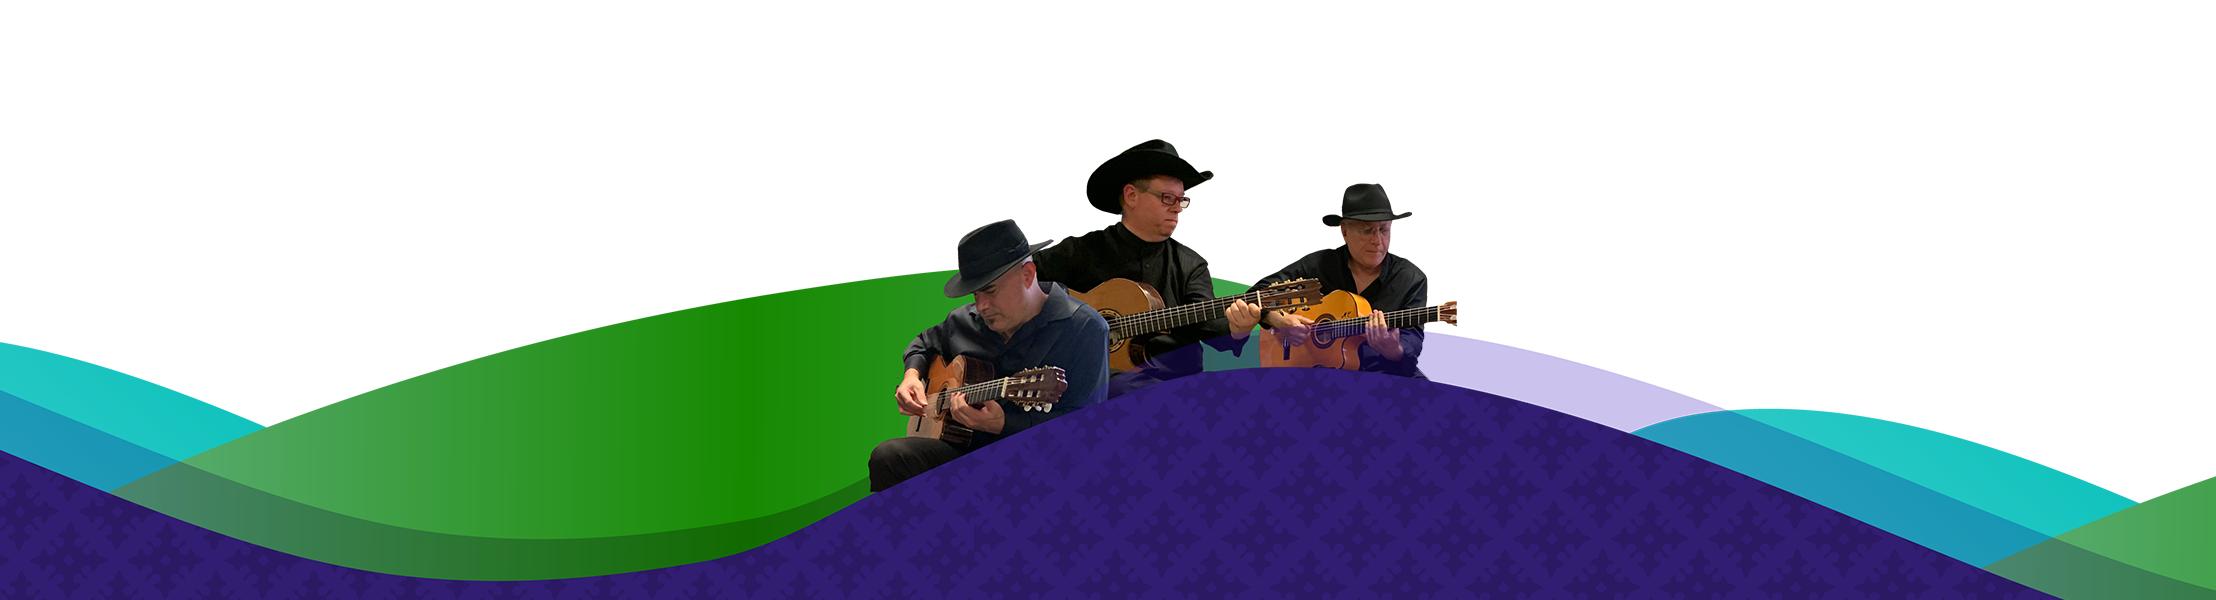 San Antonio Guitar Trío presents Solo, Duo, Trío: The Carver 2020 - 2021 Season